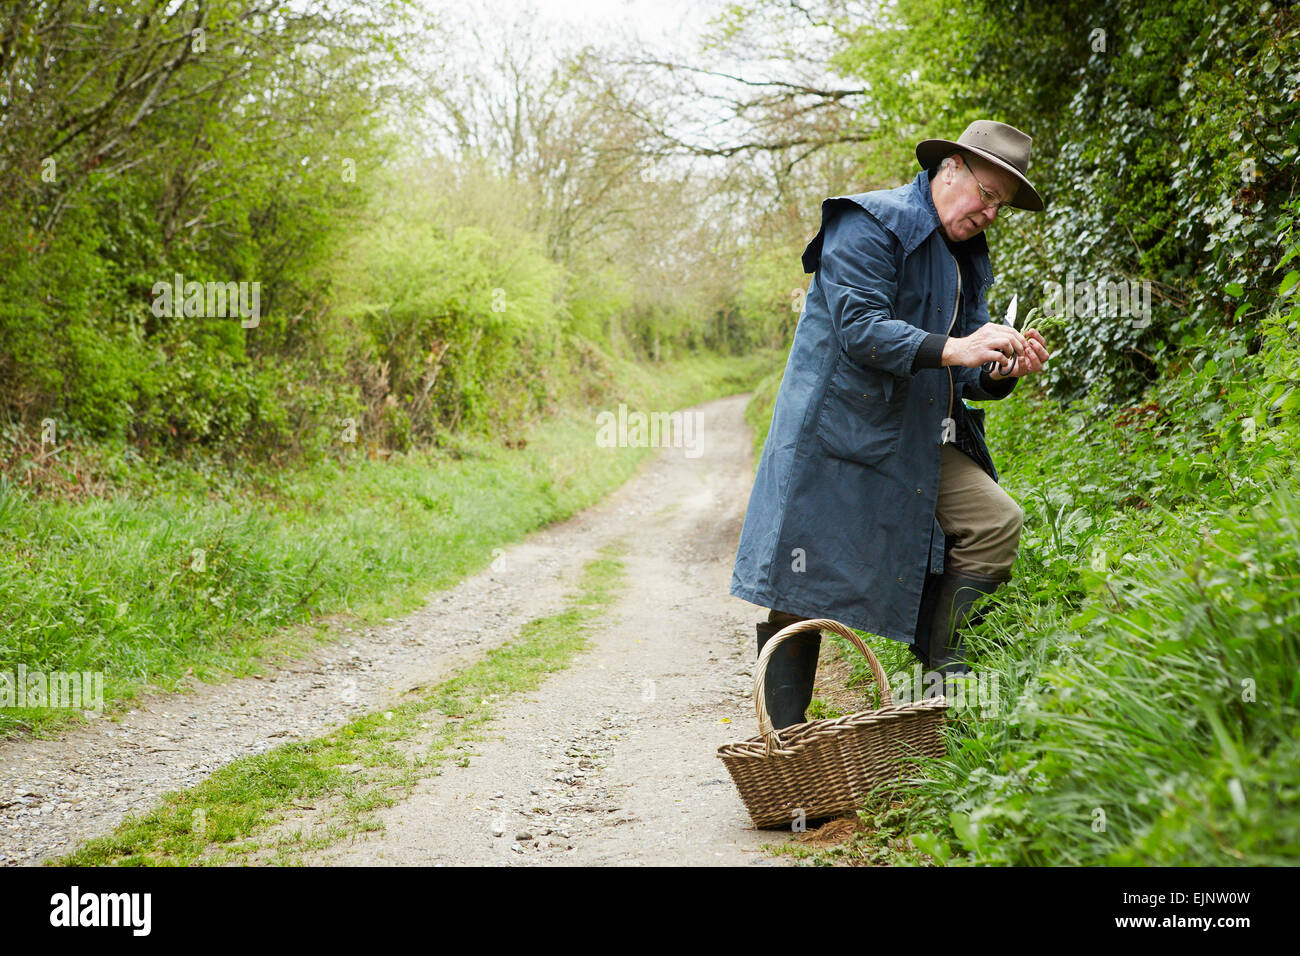 Un uomo in un lungo cappotto e stivali rovistando per commestibili e gustosi impianti della siepe. Immagini Stock